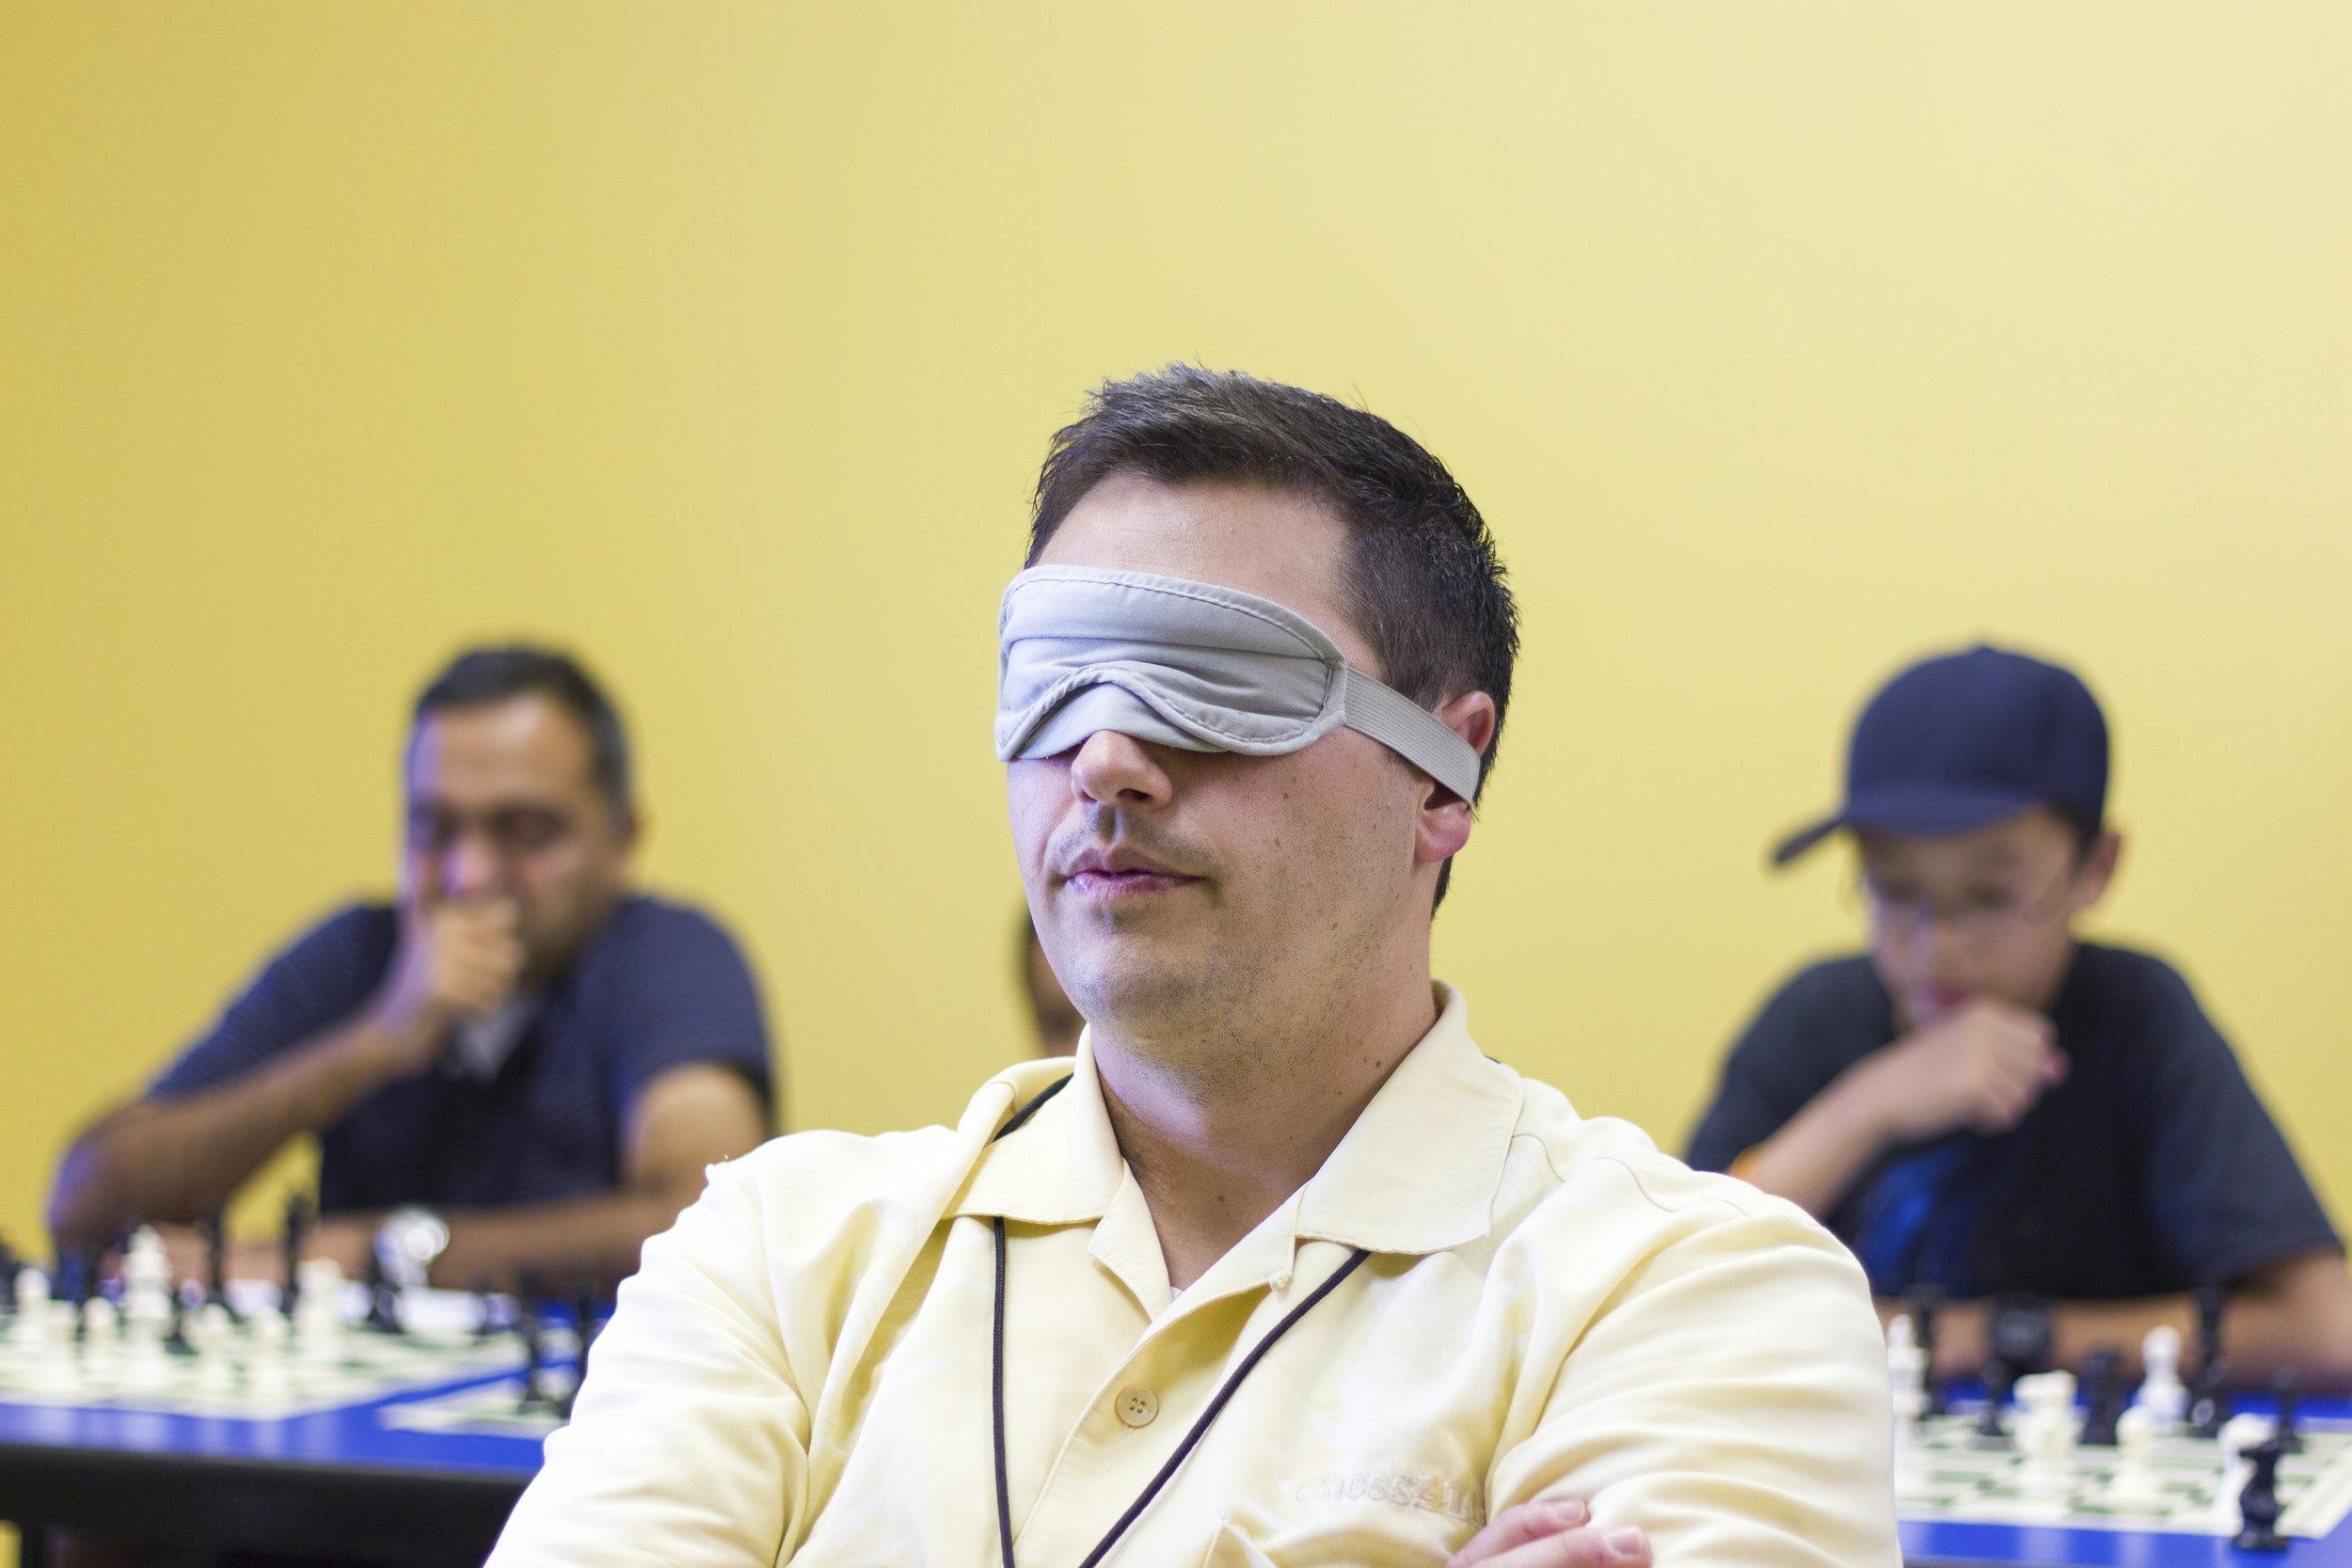 Elliott Blindfolded.jpg